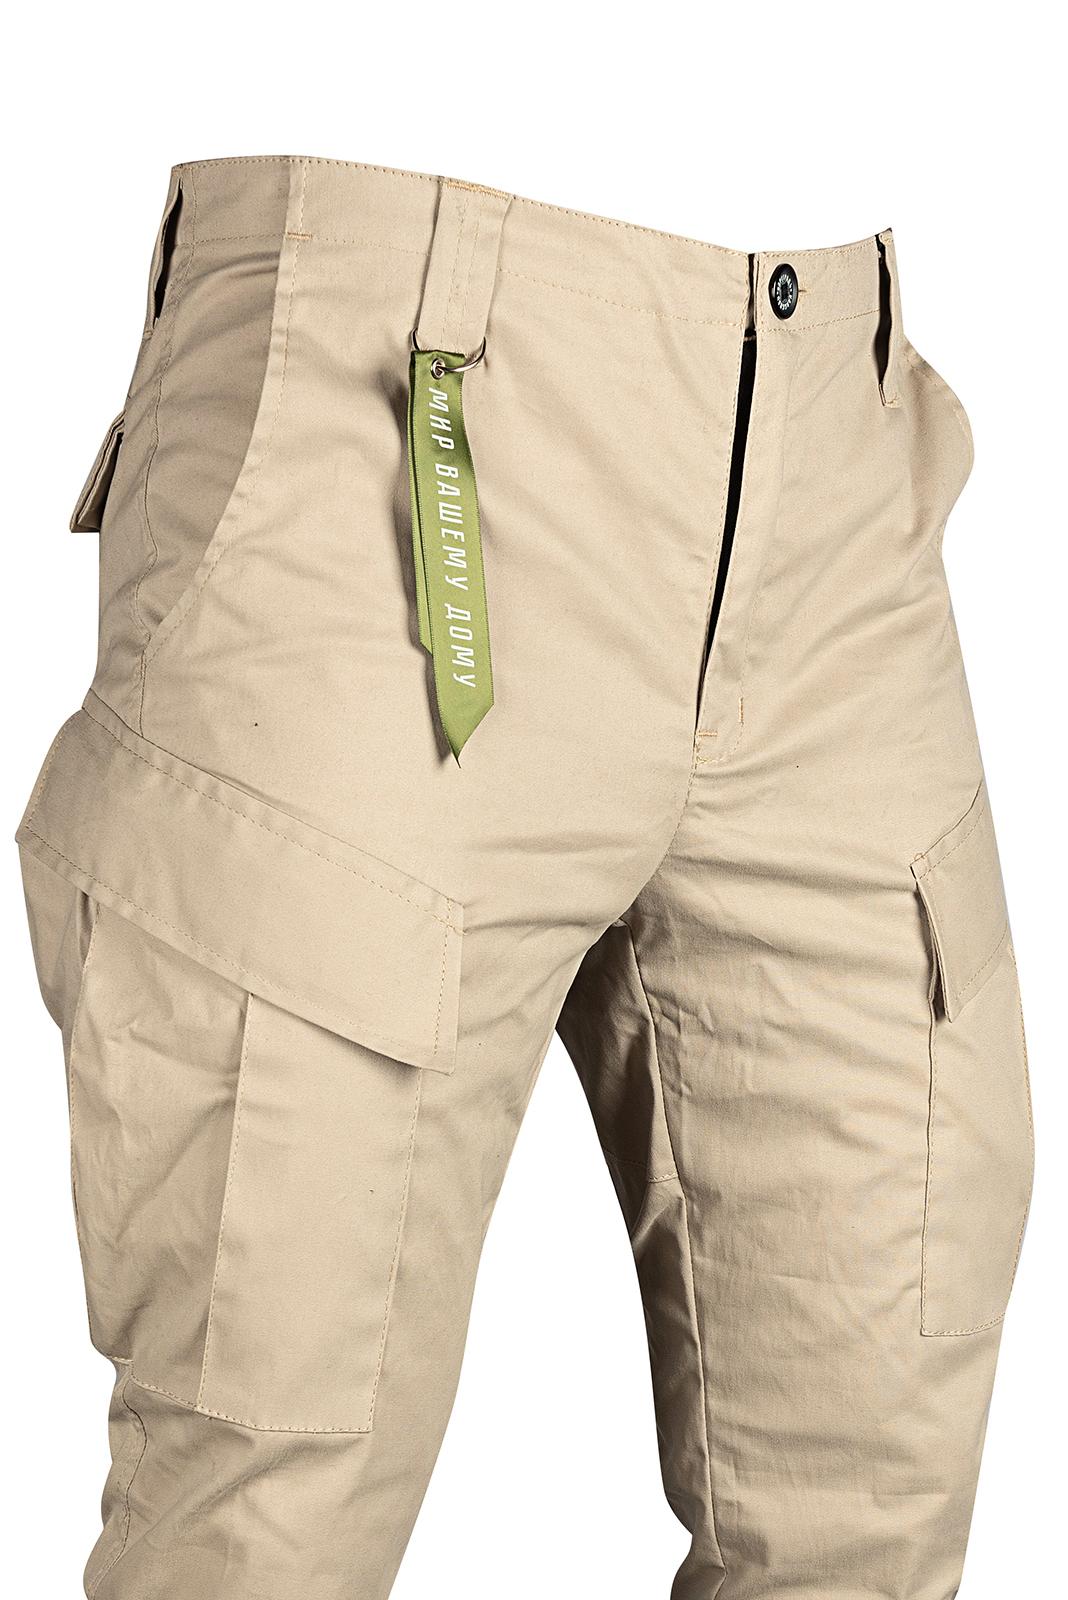 Купить брюки с карманами в Екатеринбурге